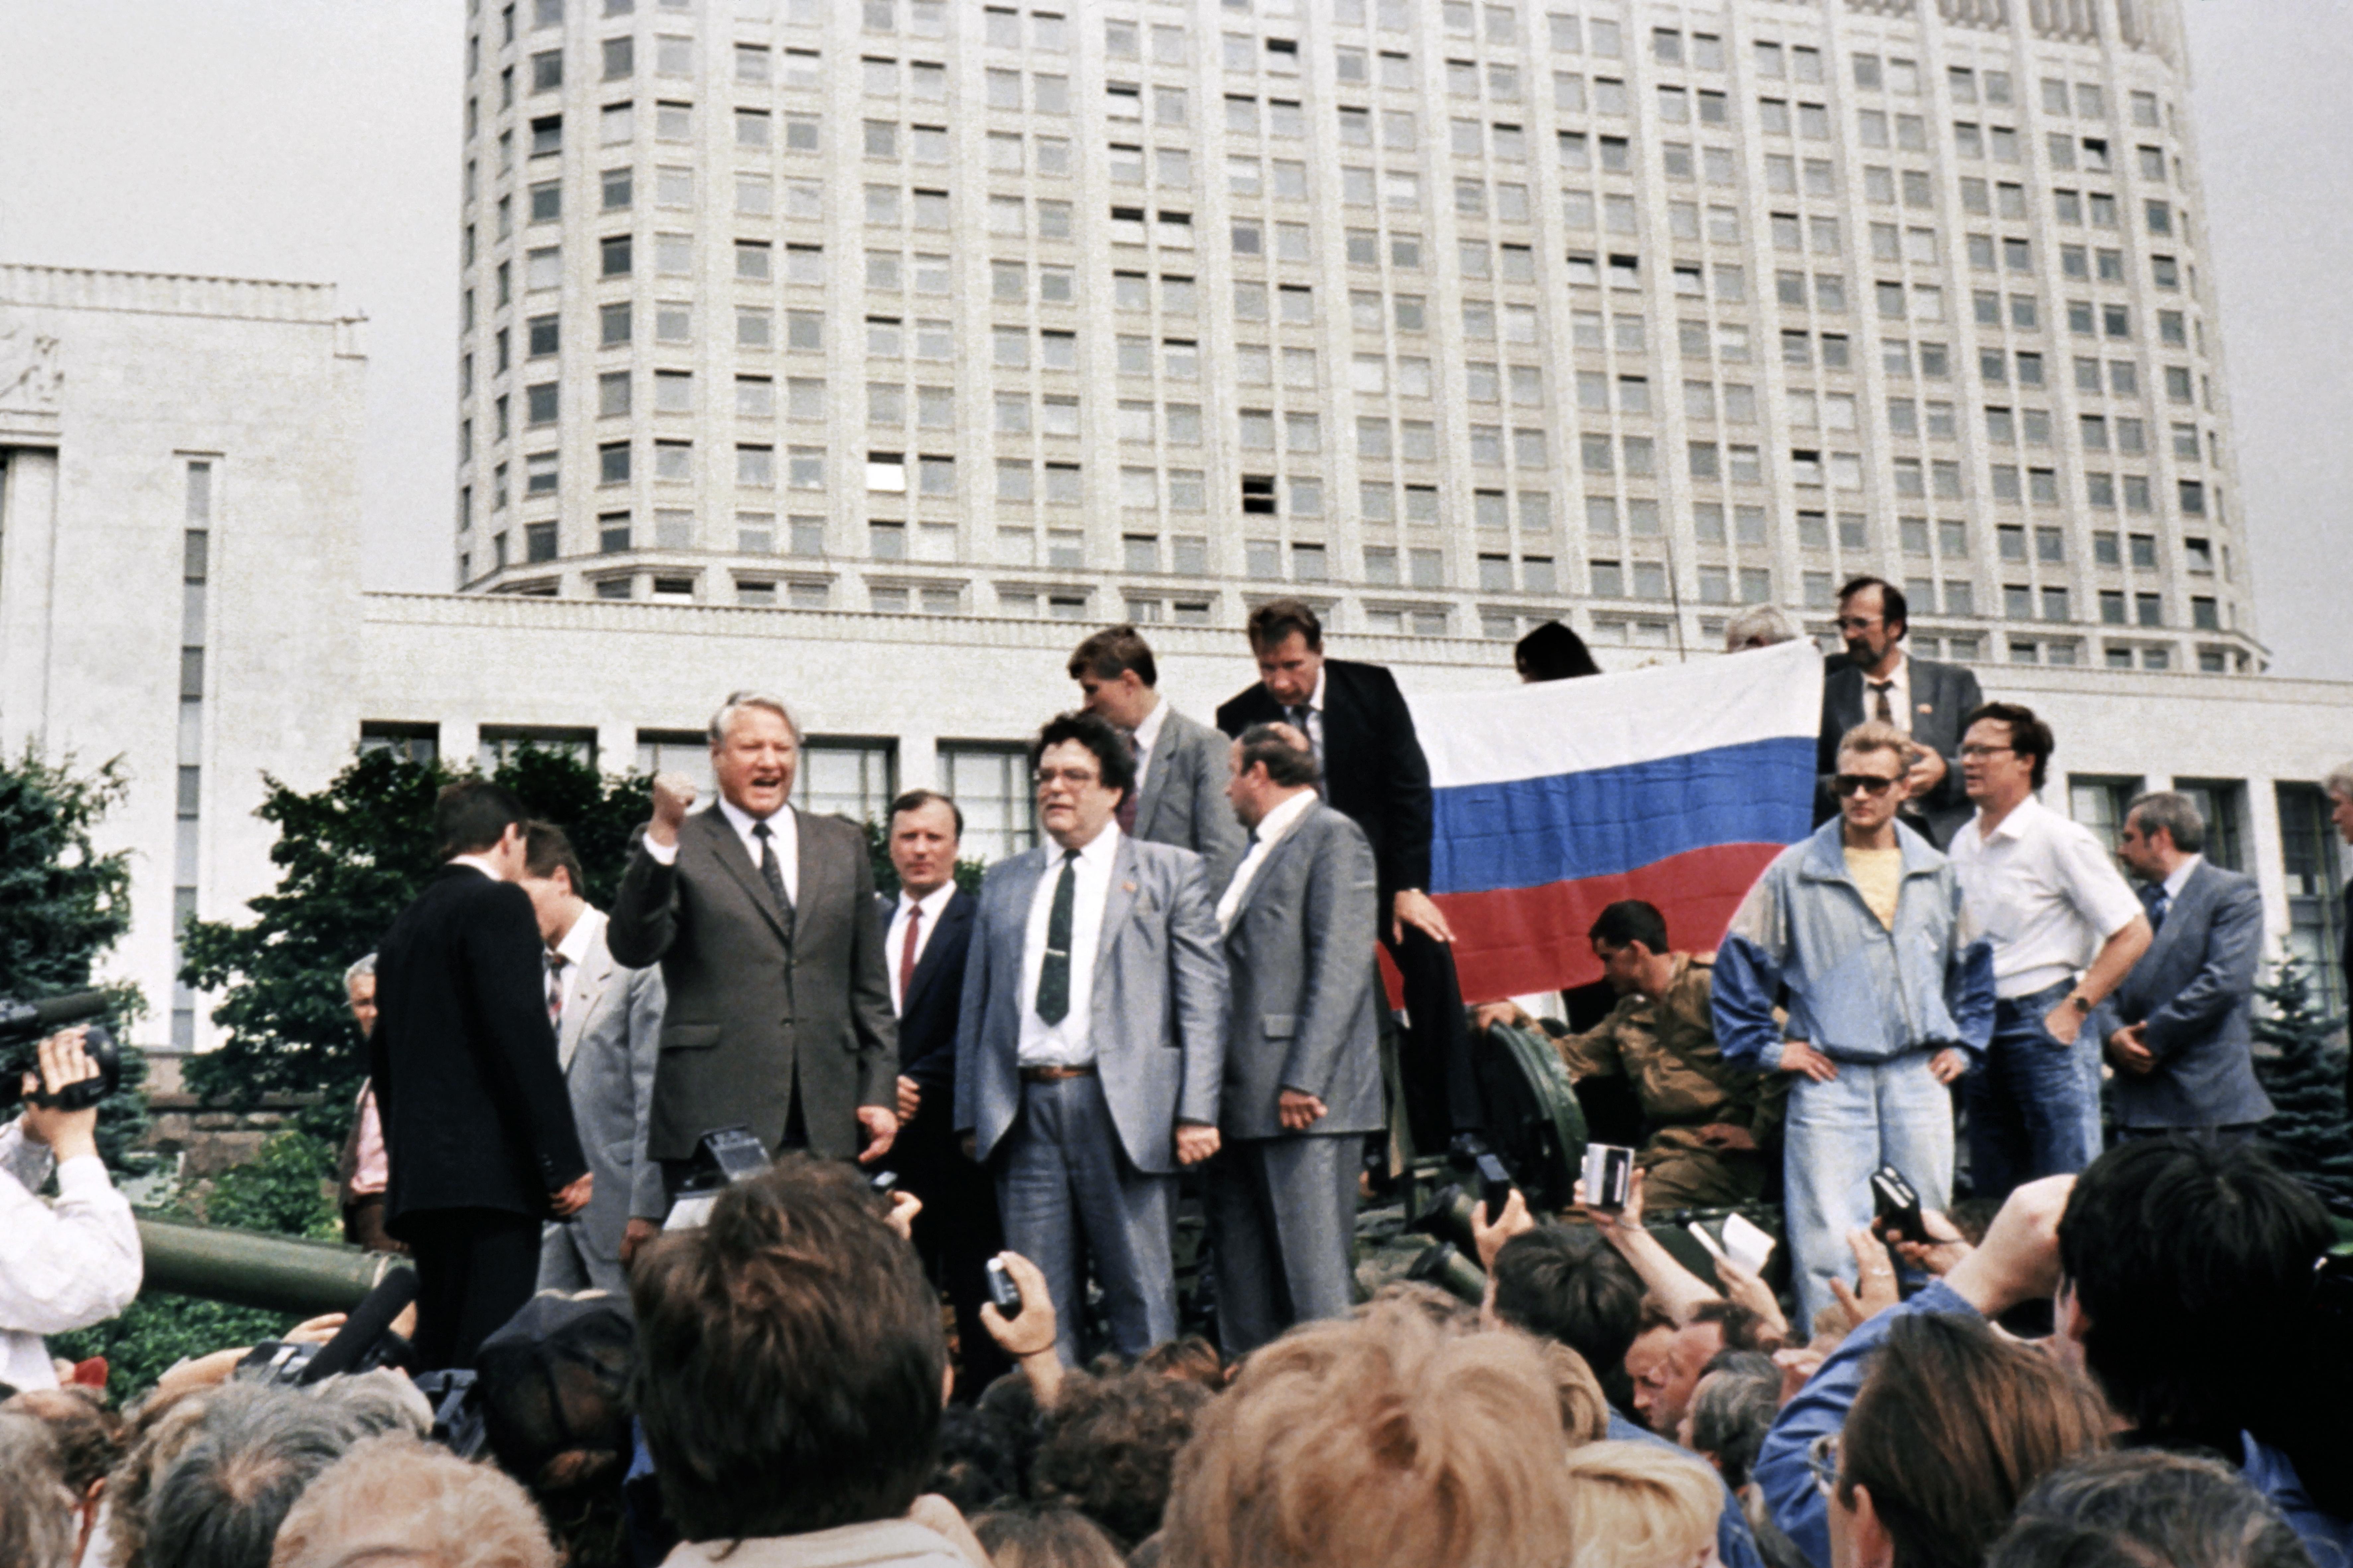 الرئيس الروسي الأسبق بوريس يلتسين يقف على مدرعة احتجاجا على الانقلاب العسكري - 1991